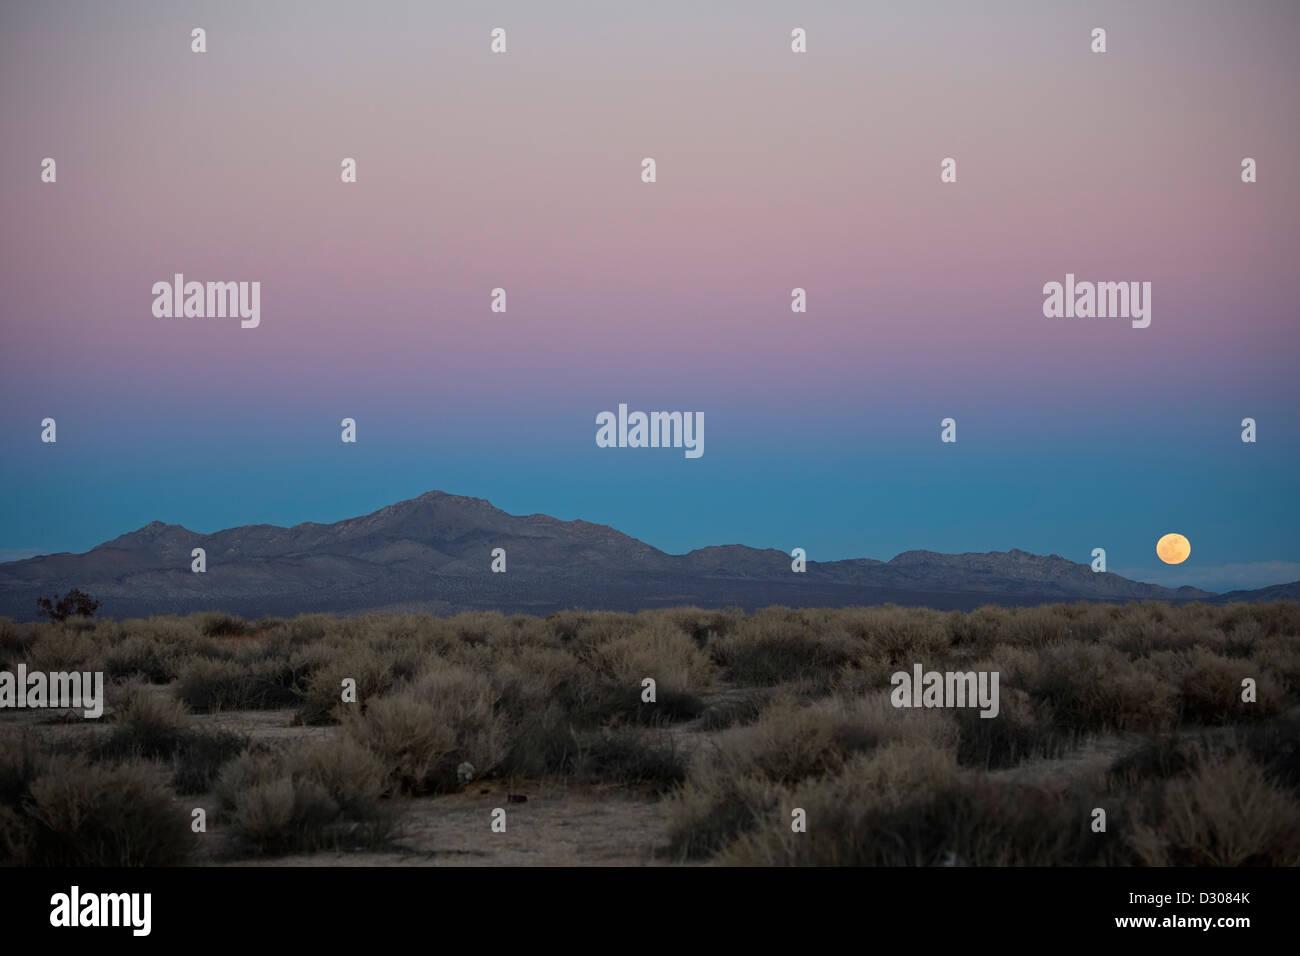 Kramer Junction, California - A full moon rises over Fremont Peak in the Mojave Desert. - Stock Image